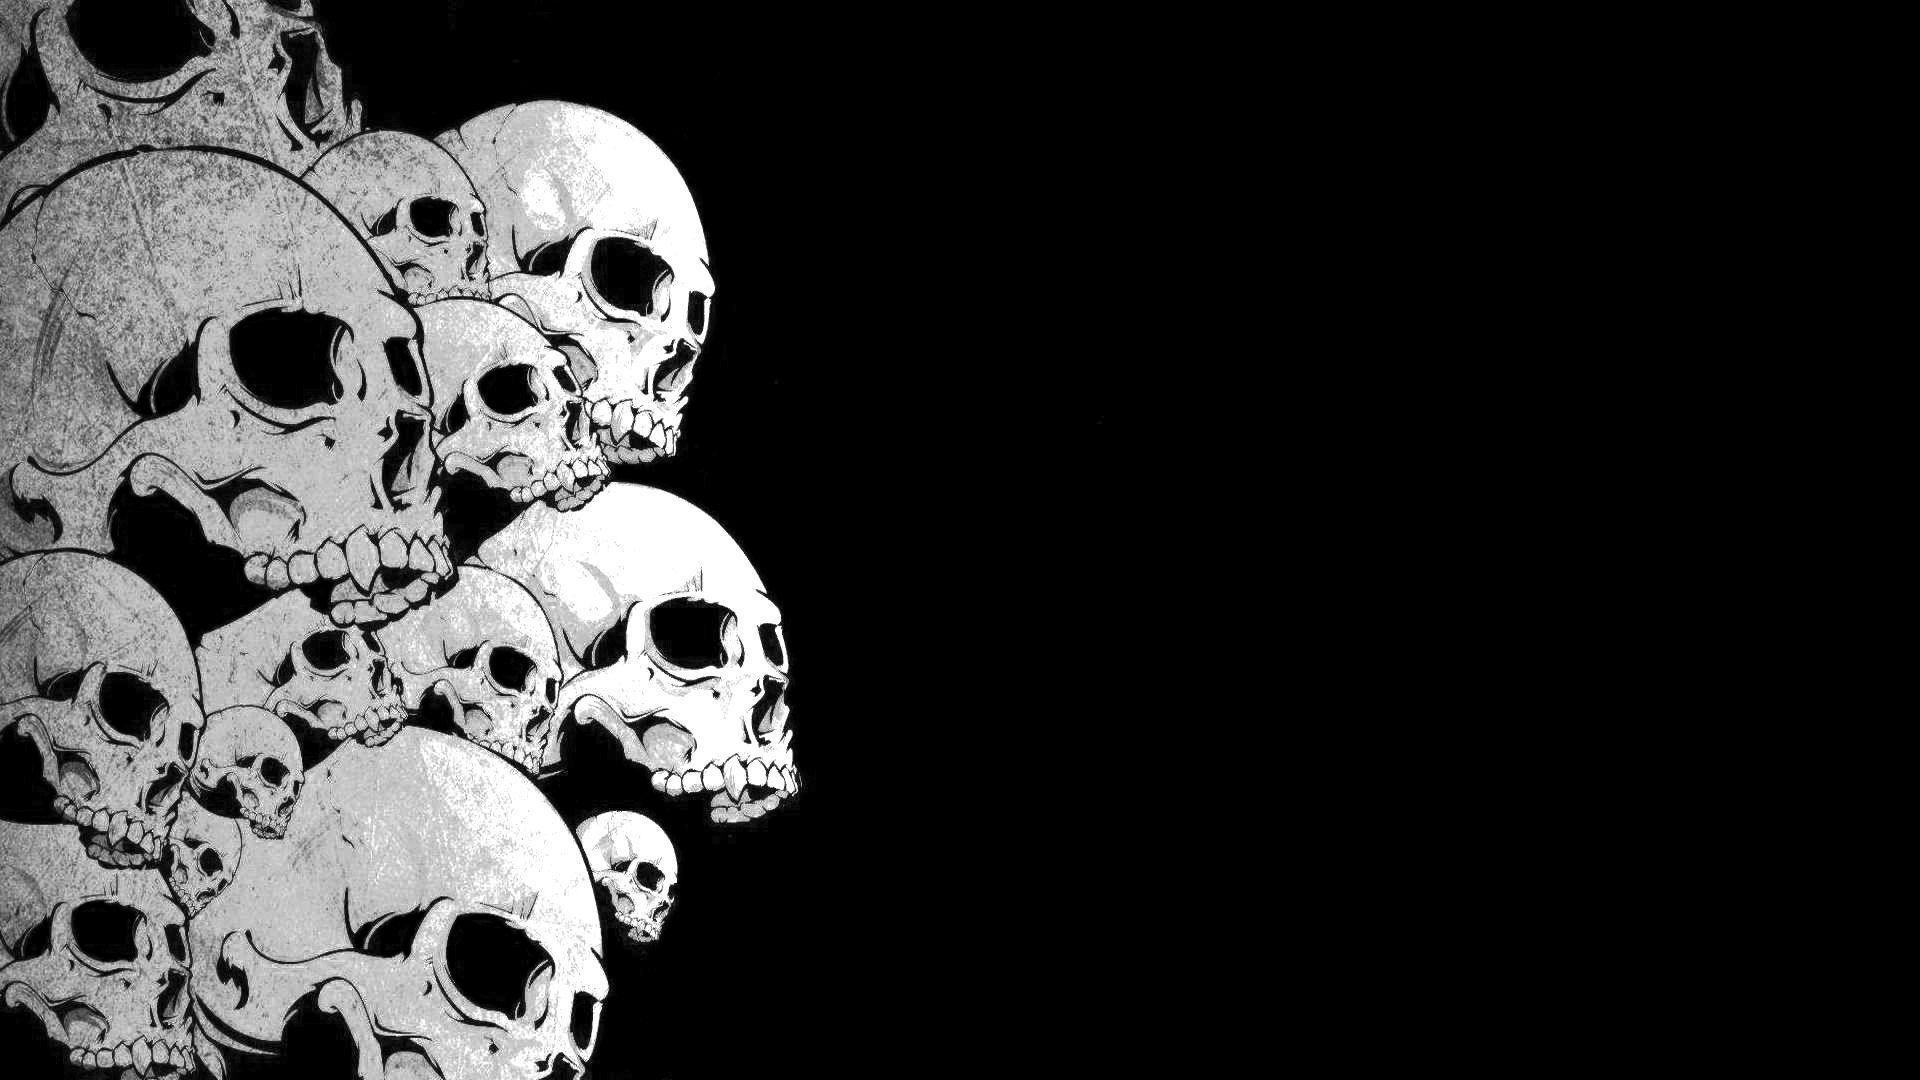 Black And White Skulls Wallpaper 59 Images